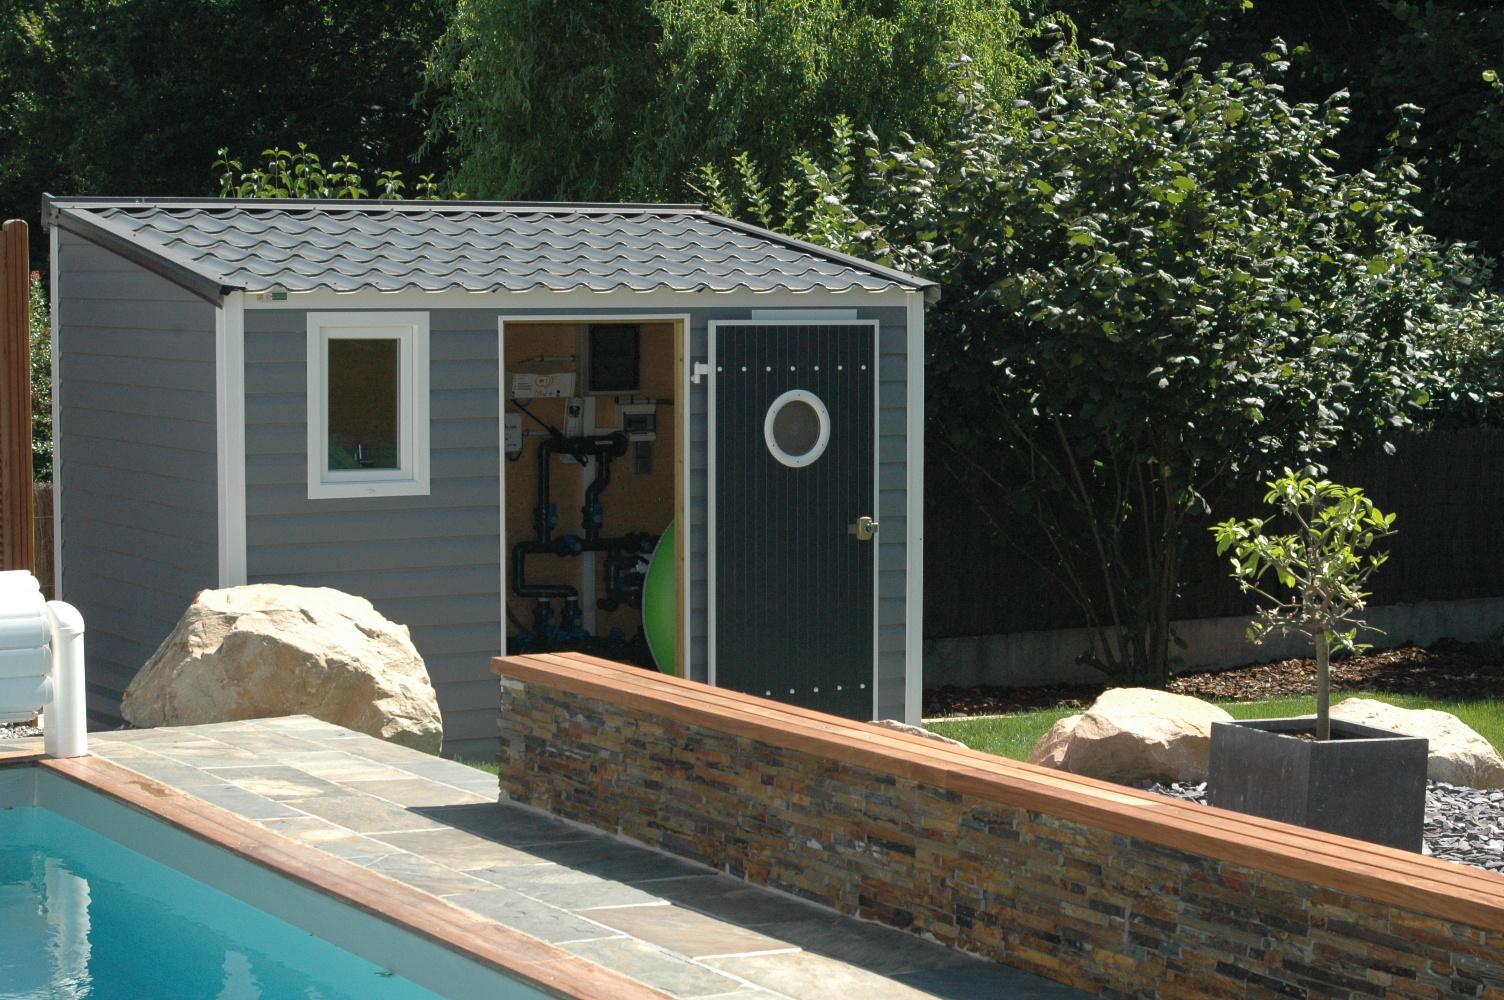 Abri De Jardin Toit 1 Pente 7,80 M² - Abri Pvc < 10 M² Nea Concept avec Abri De Jardin 1 Pente